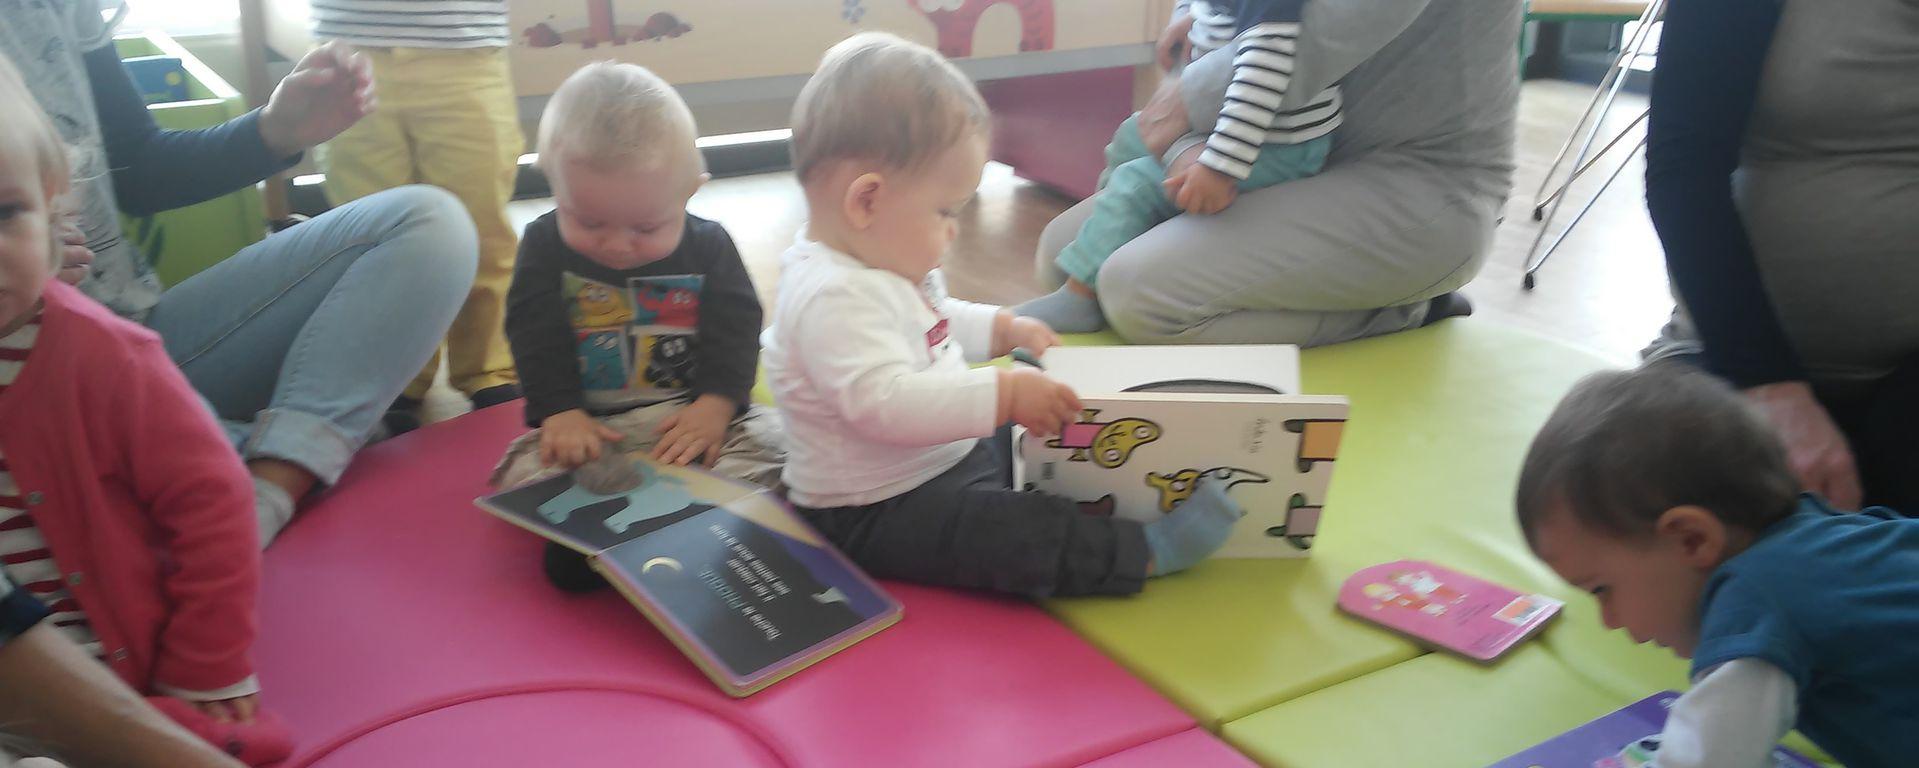 Séances d'éveil aux livres avec les bibliothèques de Dompierre sur Mer et Sainte-Soulle